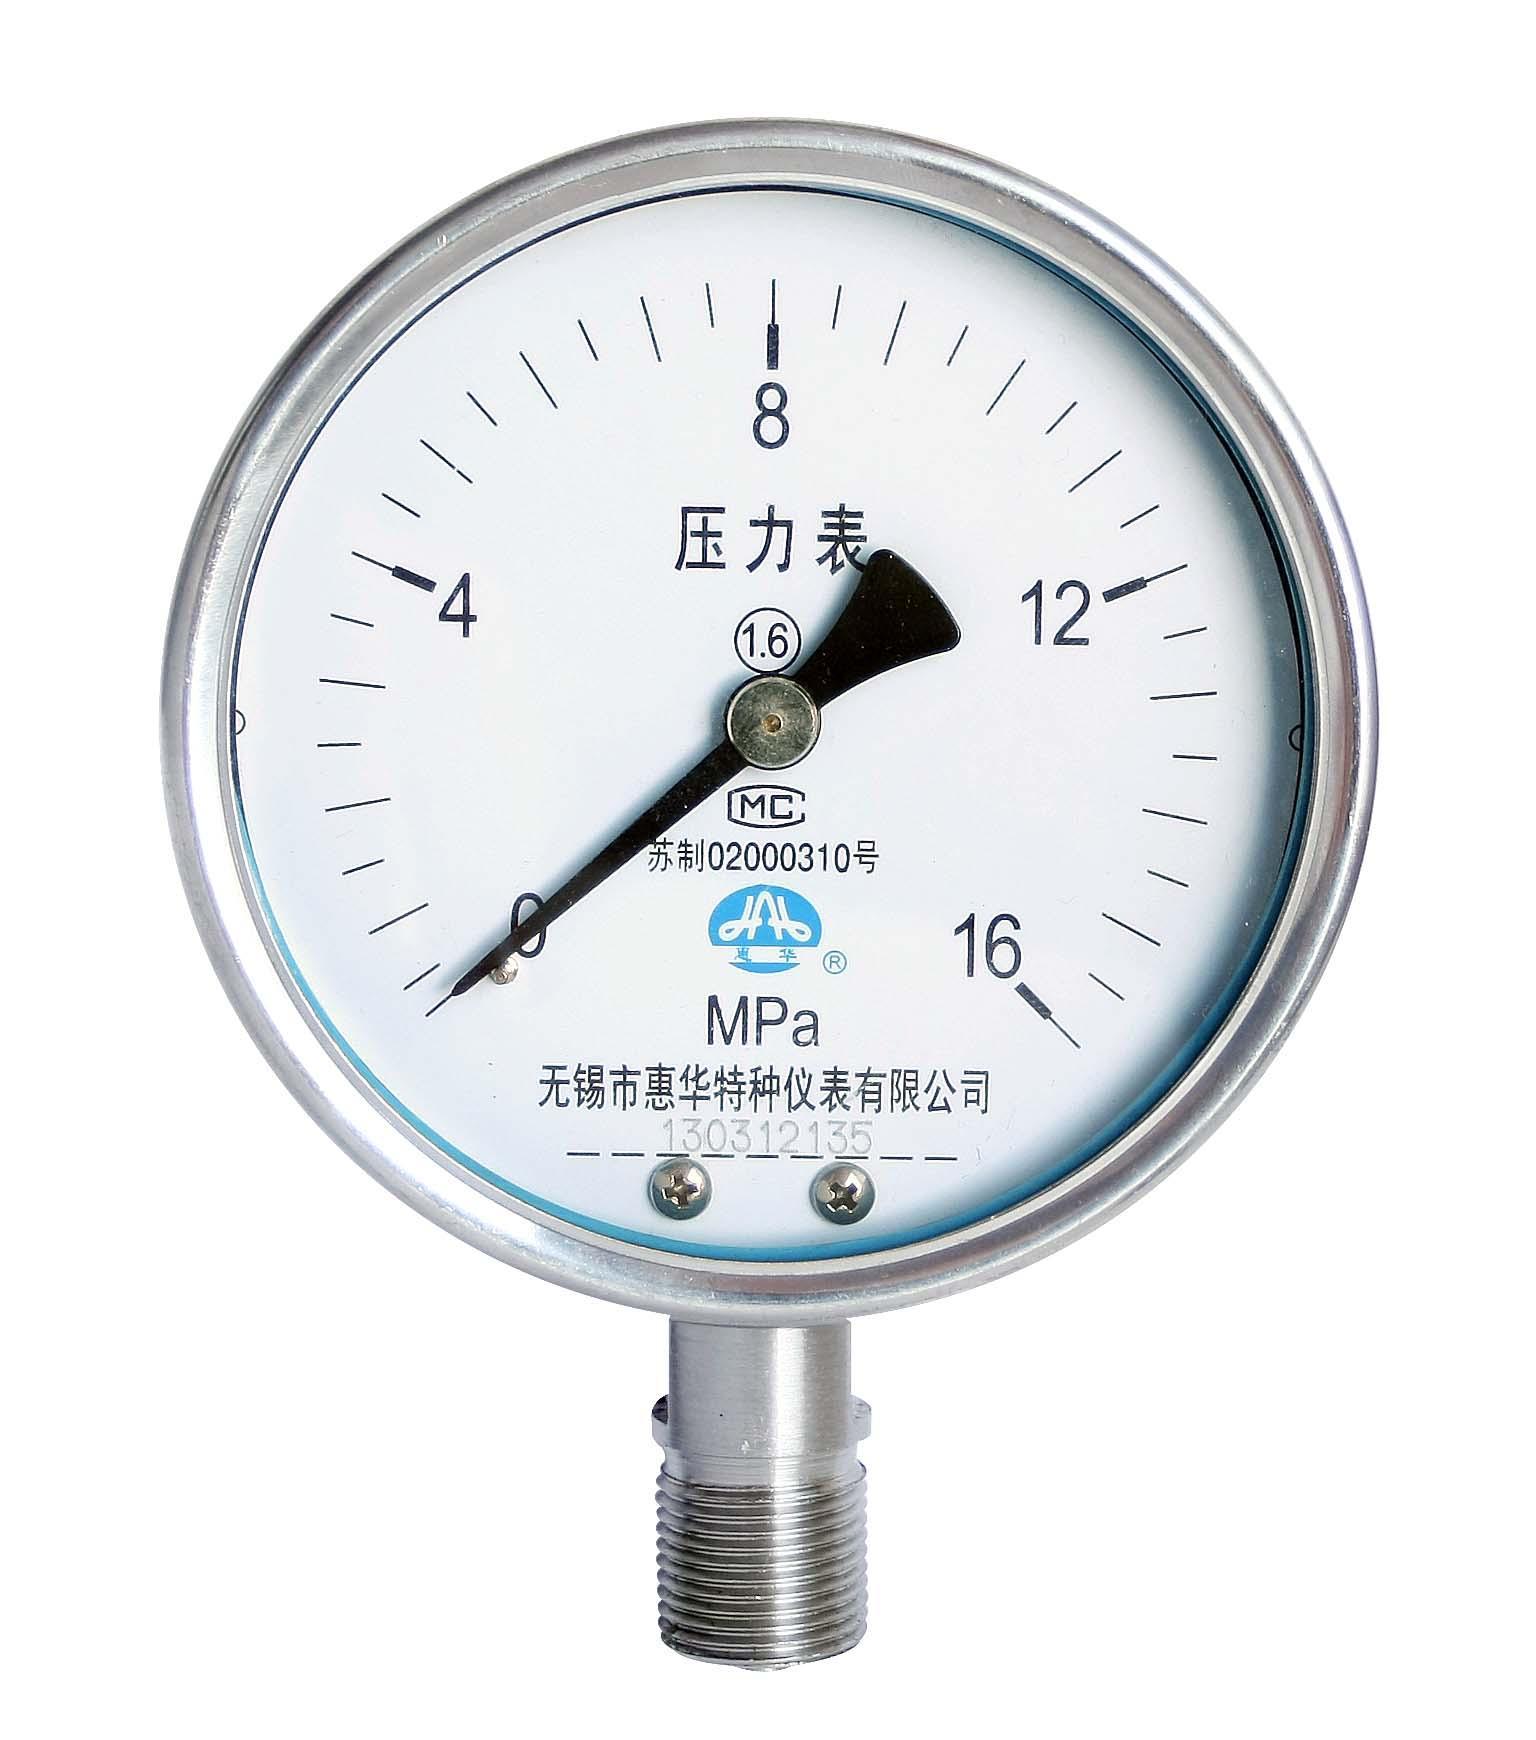 不鏽鋼壓力表 不鏽鋼真空壓力表 不鏽鋼彈簧管壓力表 1